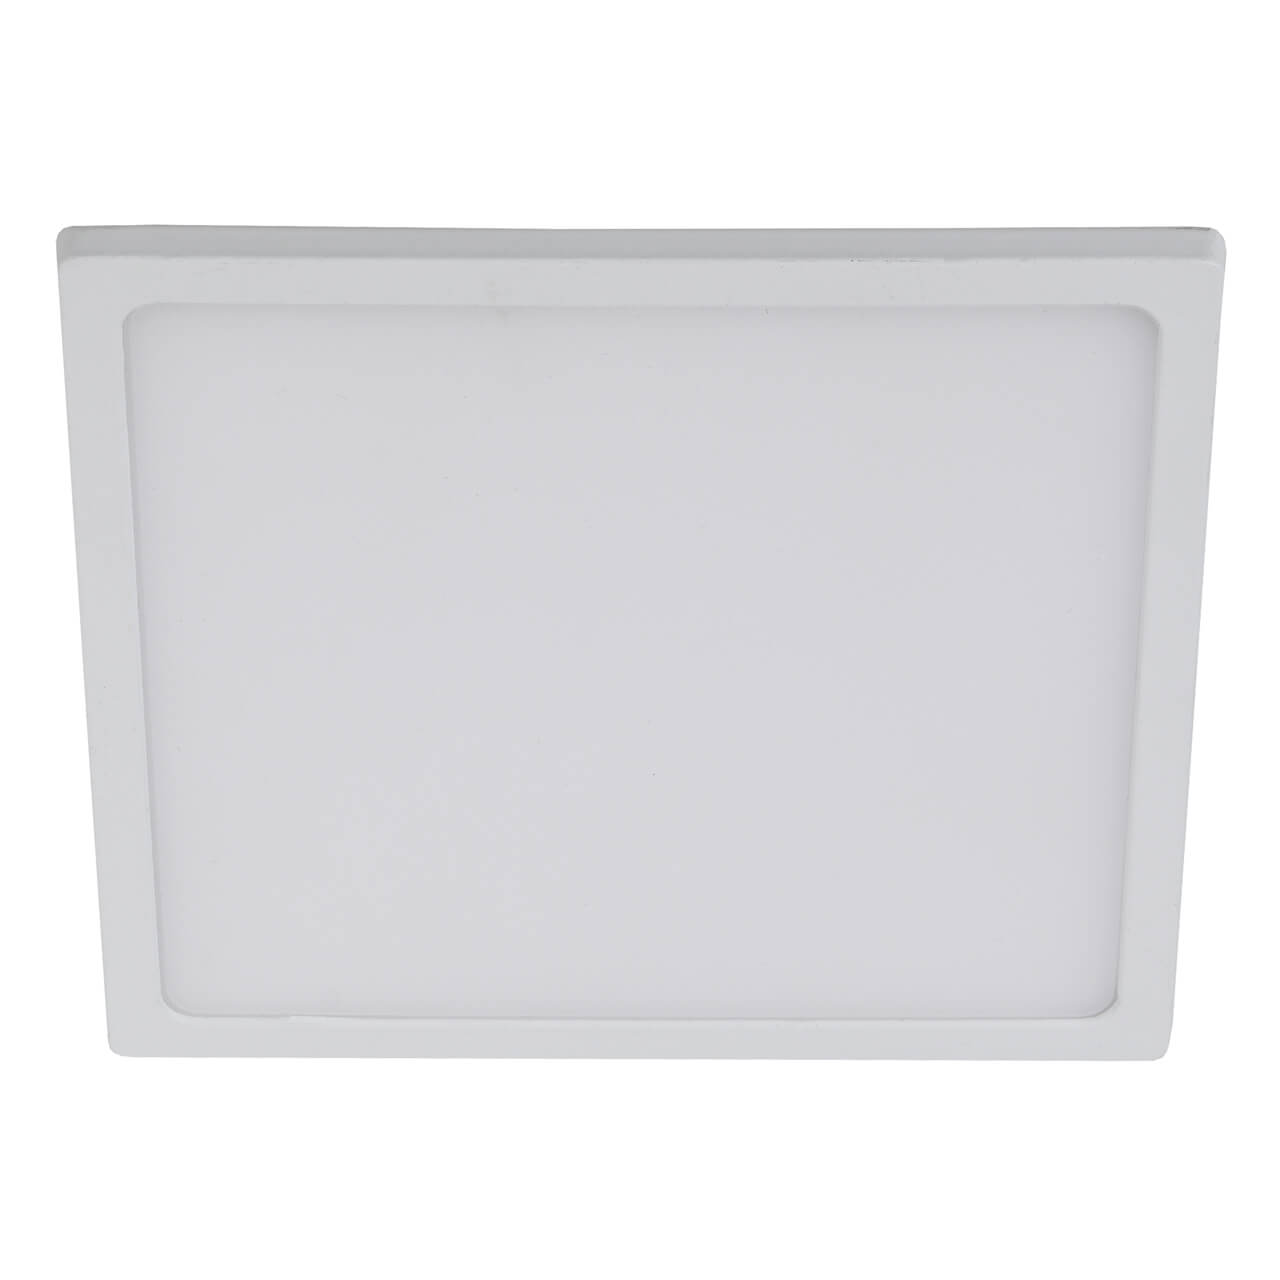 Светильник ЭРА LED 6-16-4K/1 LED 6